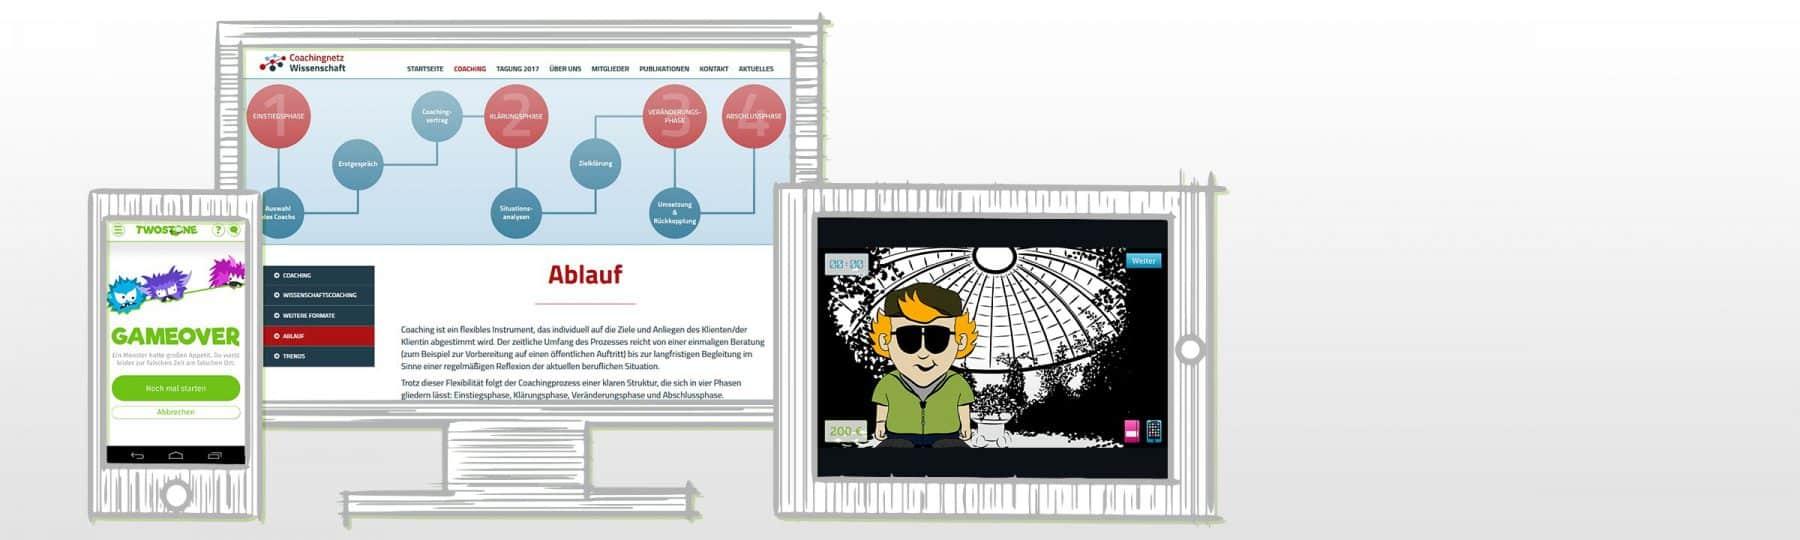 Header Leistungen Internet und Multimedia